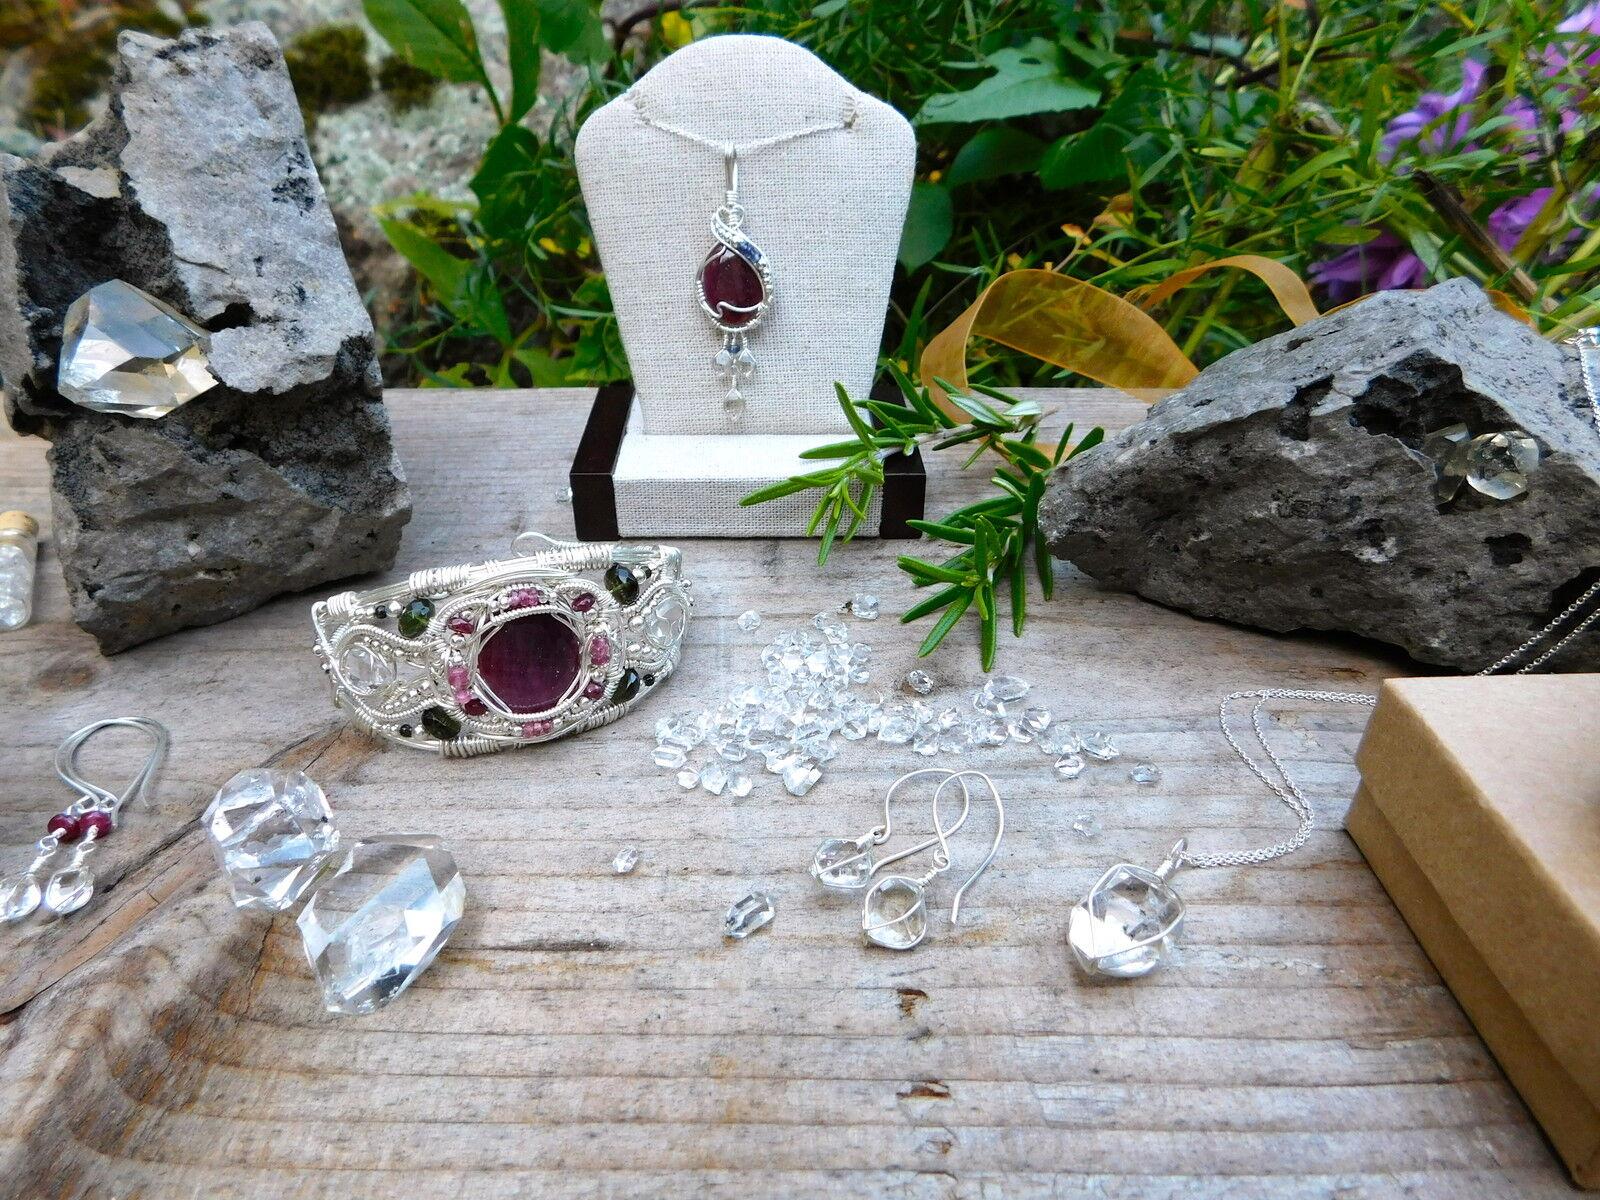 herkimerjewelry